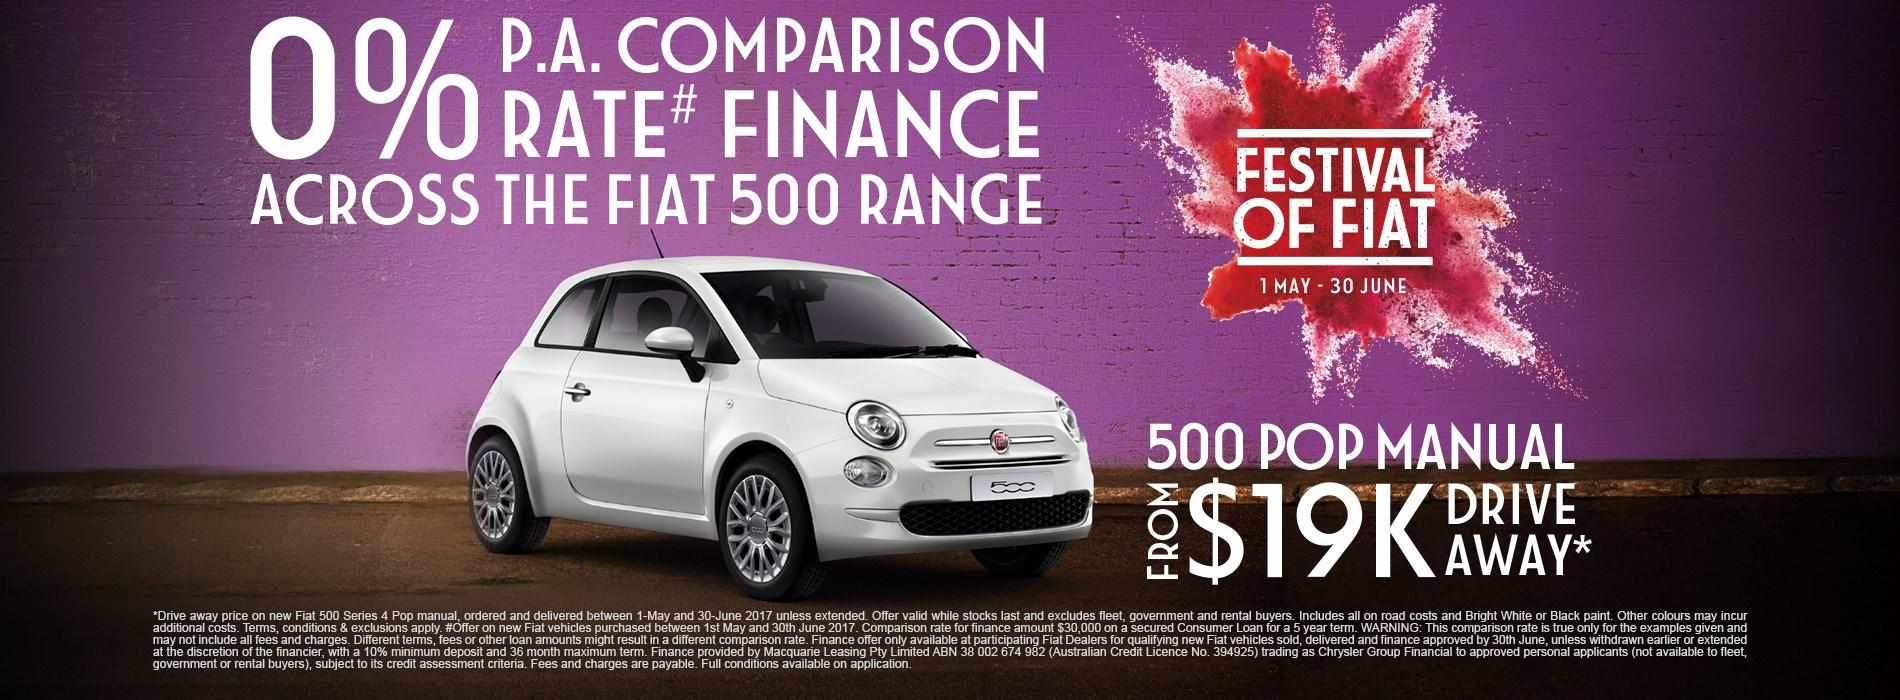 Fiat 500 Pop Manual